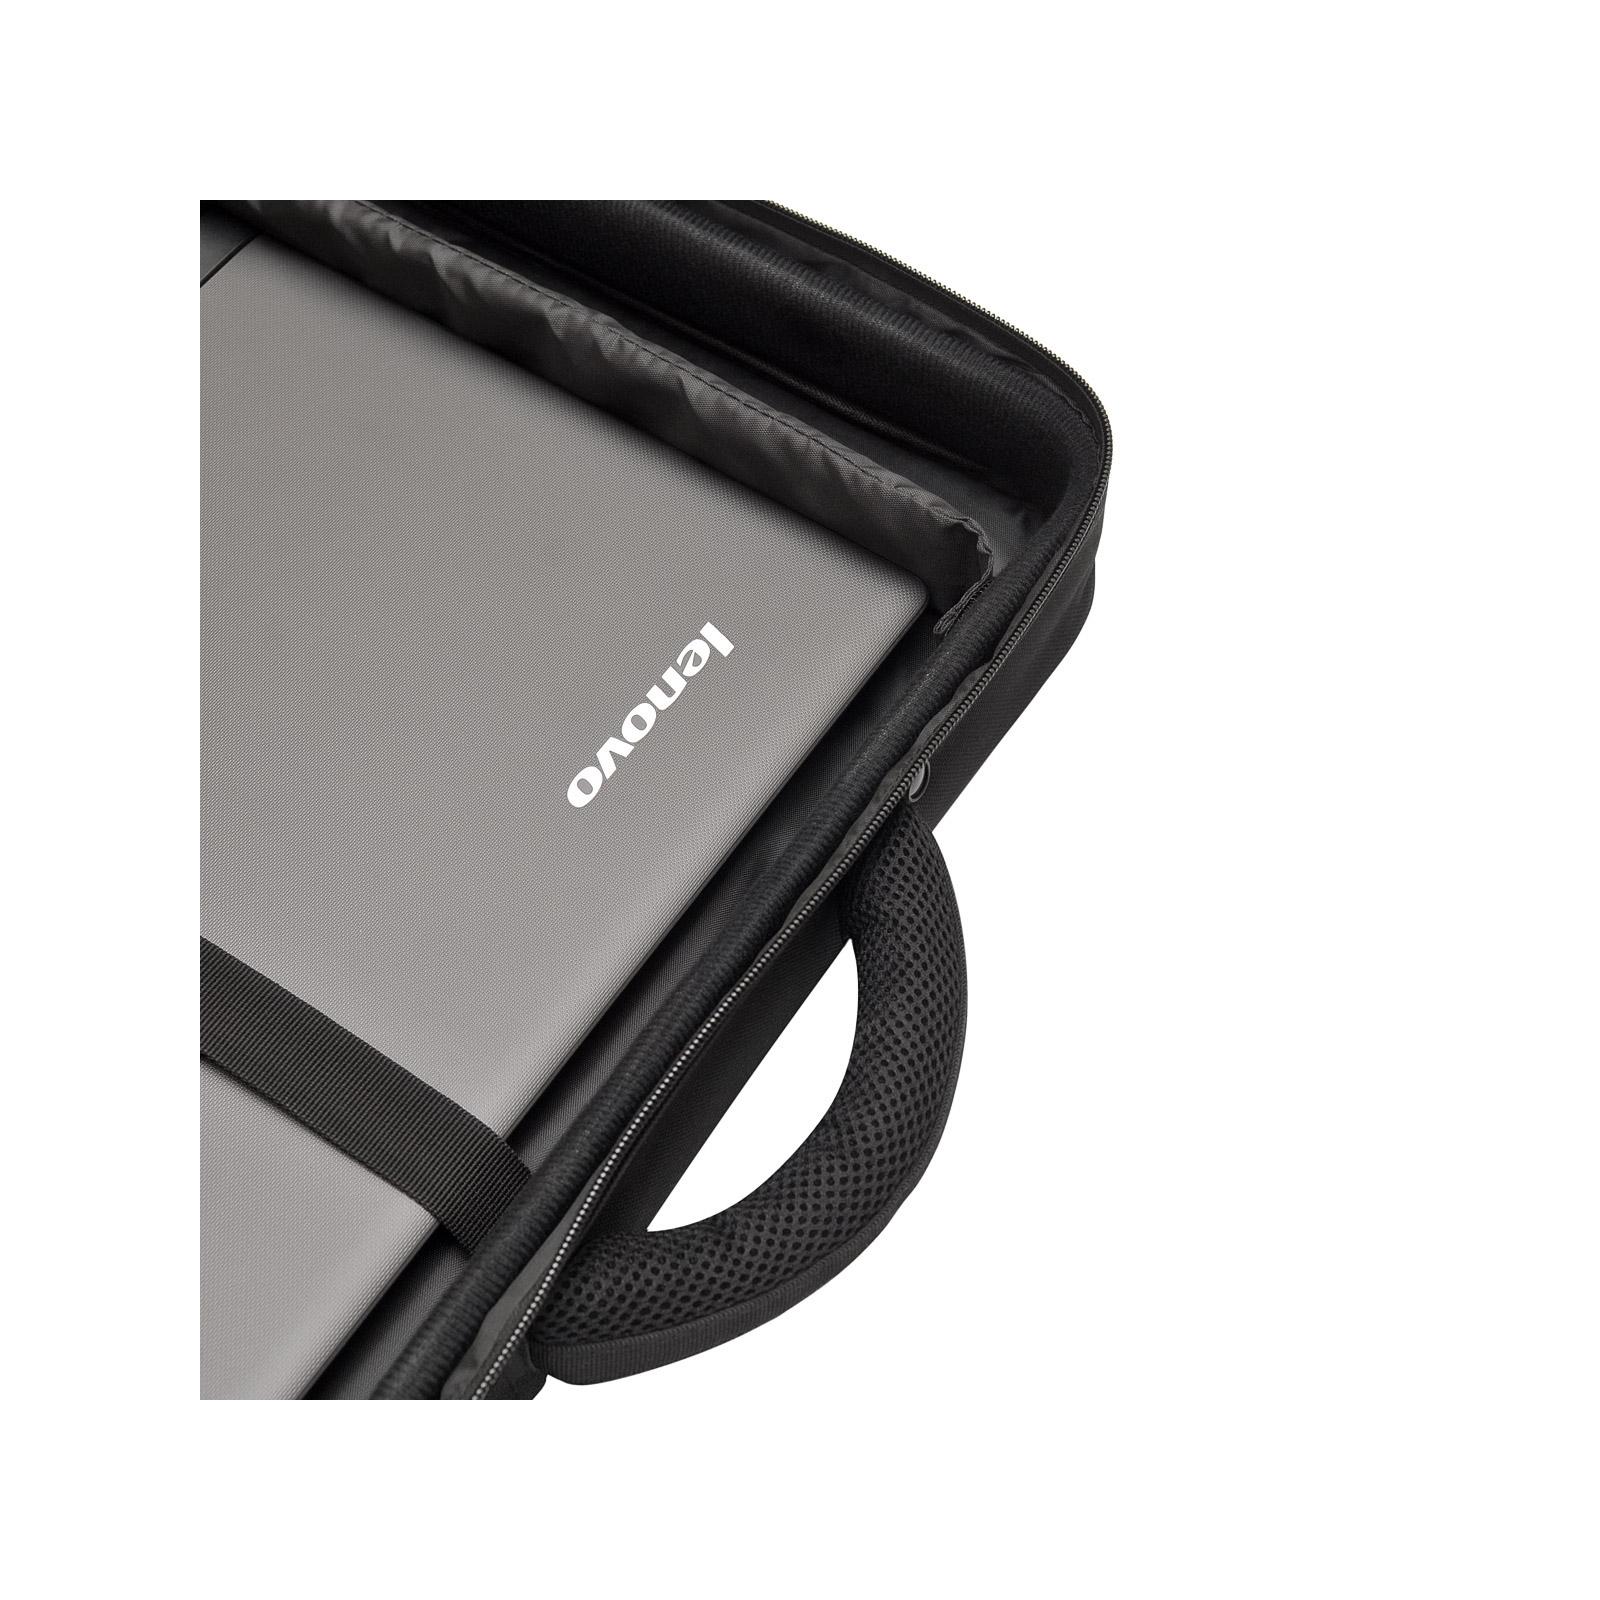 Сумка для ноутбука Grand-X 17.4'' Black (HB-175) изображение 4